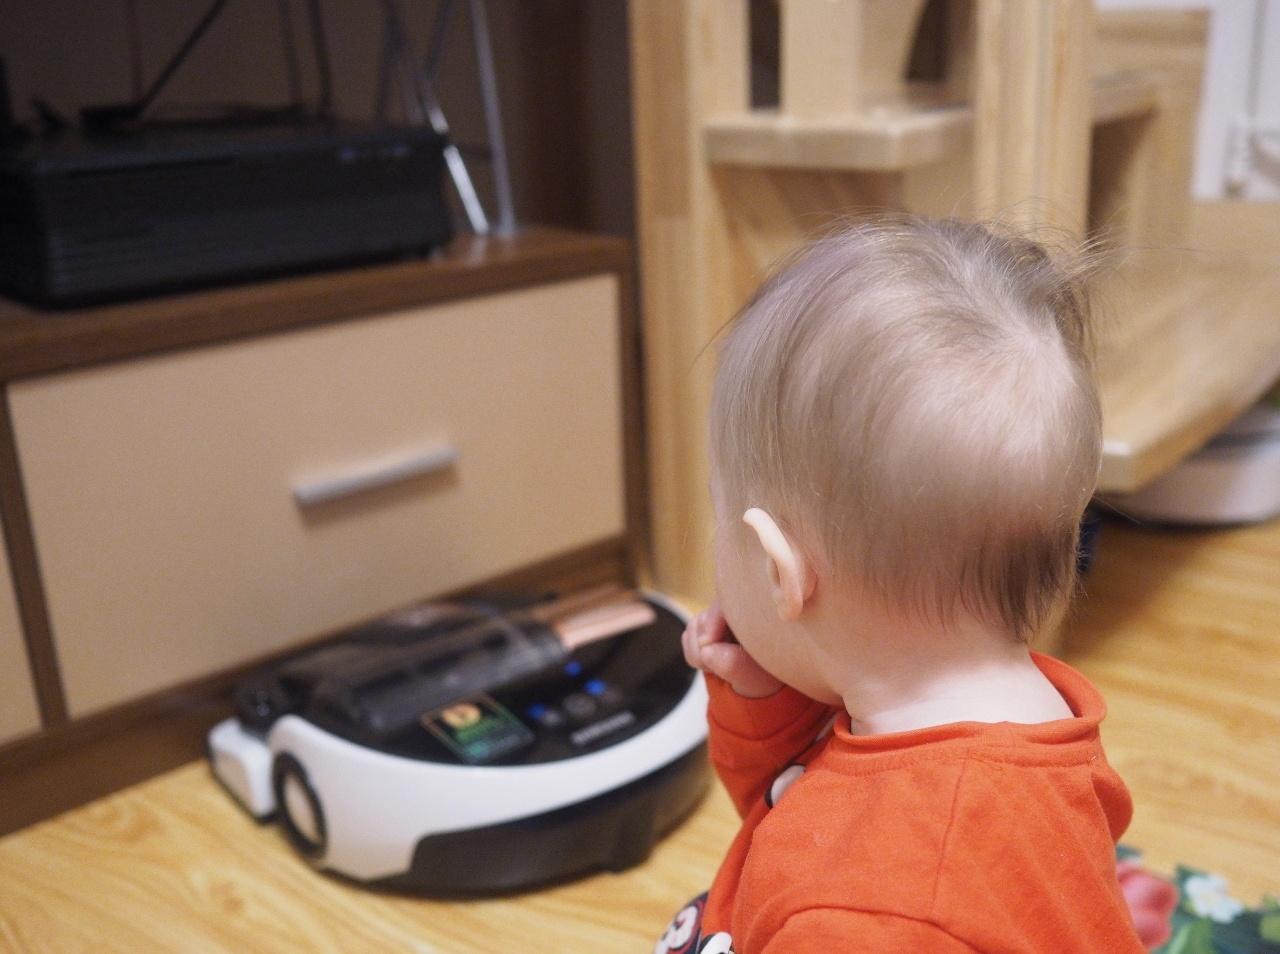 Робот-пылесос Samsung POWERBot VR9000 - 14